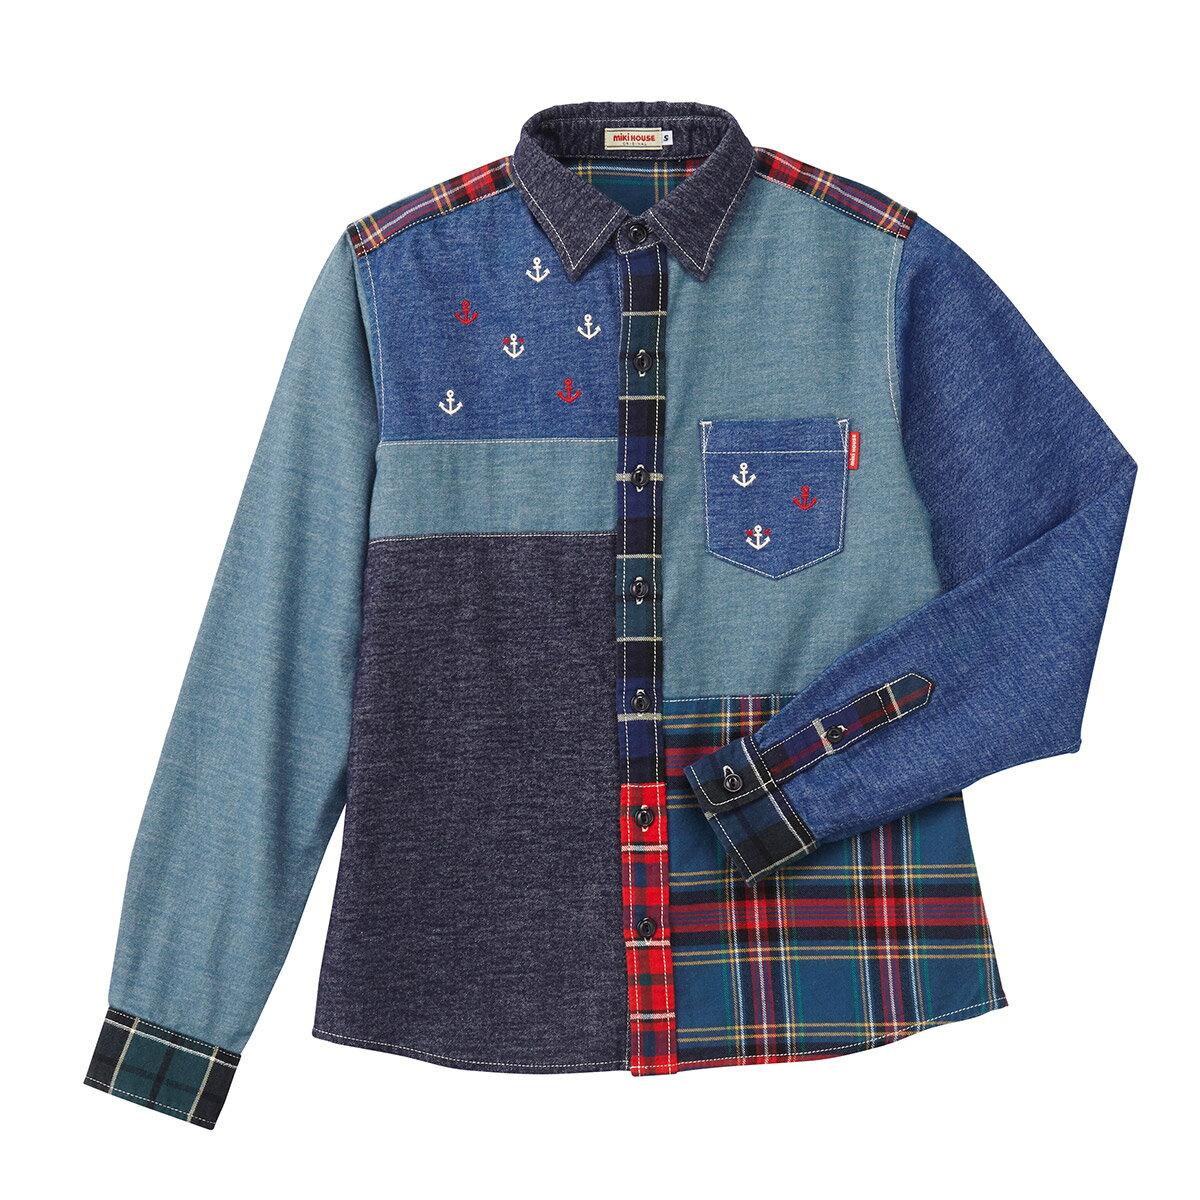 公式ショップ【ミキハウス】デニム×チェックのパッチワークシャツ(大人用)〈S(155cm-165cm)〉